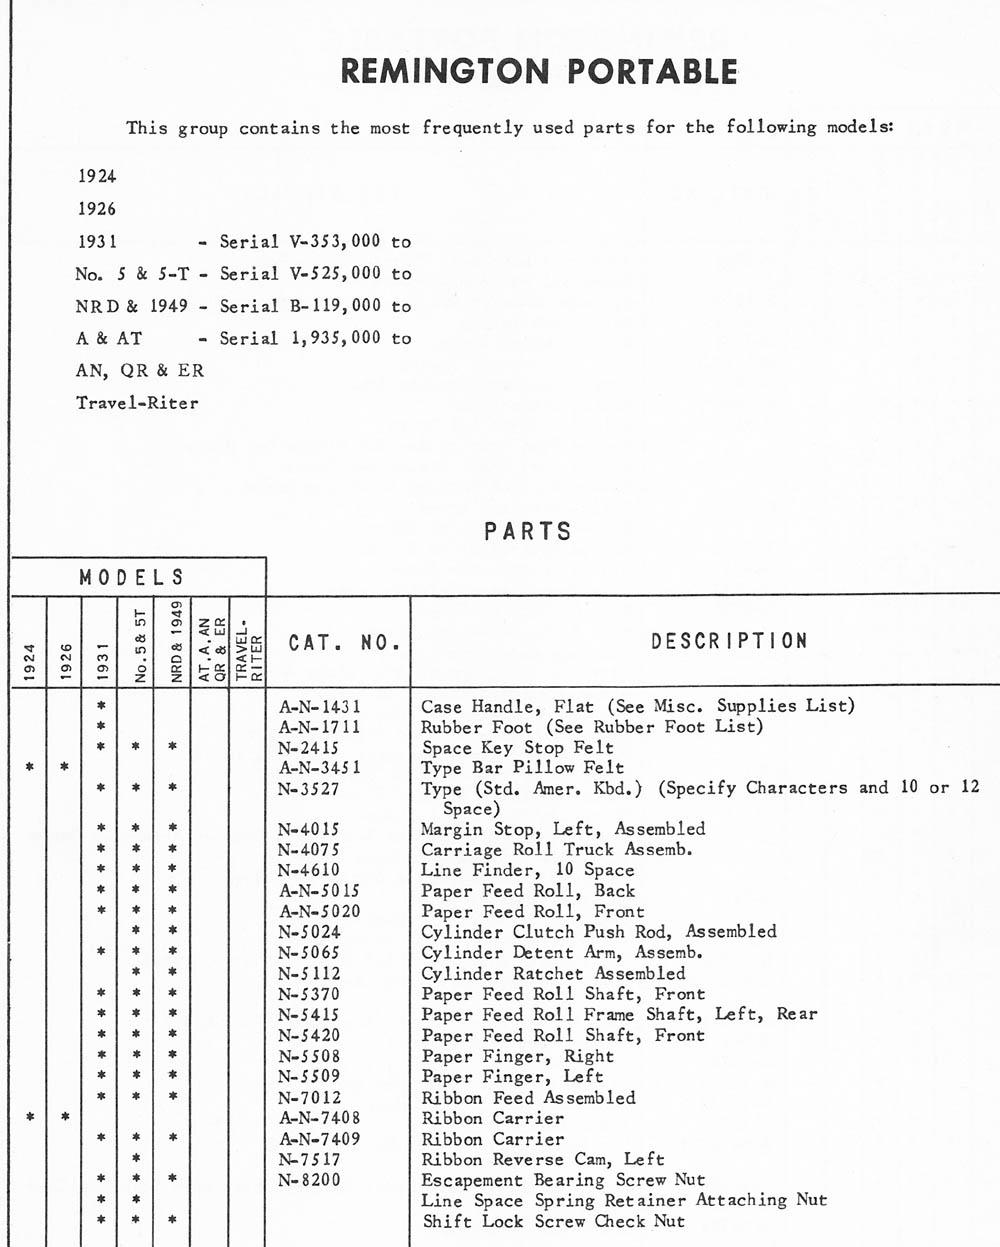 typewriter parts remington portable ames supply general catalog rh typewriterdatabase com Memento Database Manual Paradox Database Manual